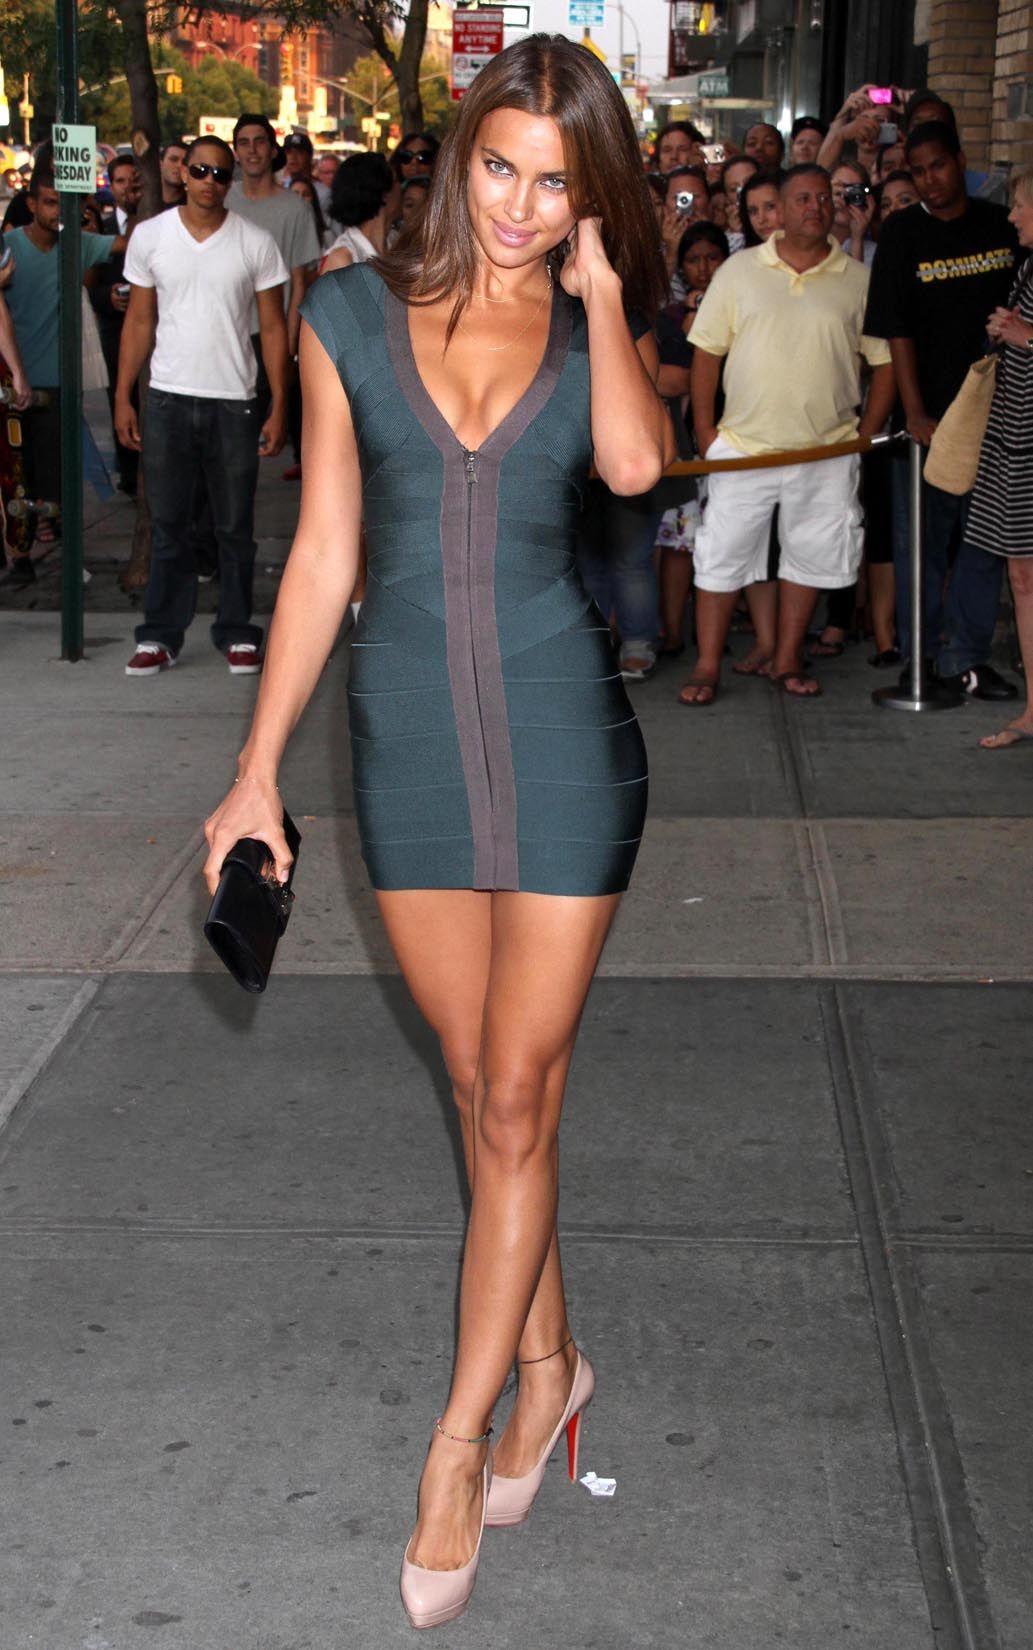 bd40fa04fa3 Irina Shayk - it is ok to wear your dress